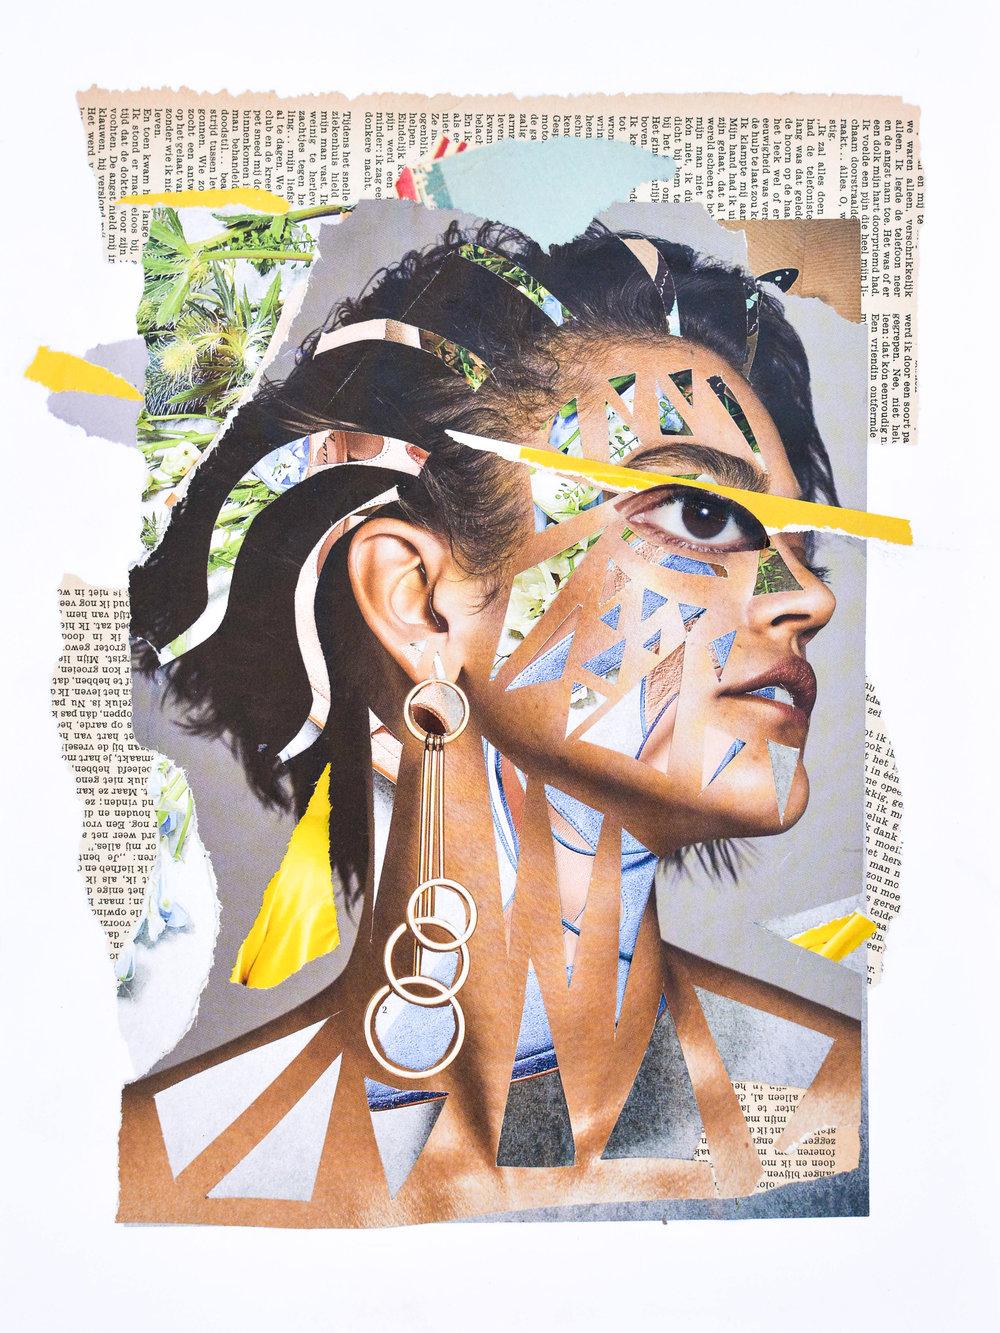 _Collages_Spain_Veerle Symoens-1.jpg